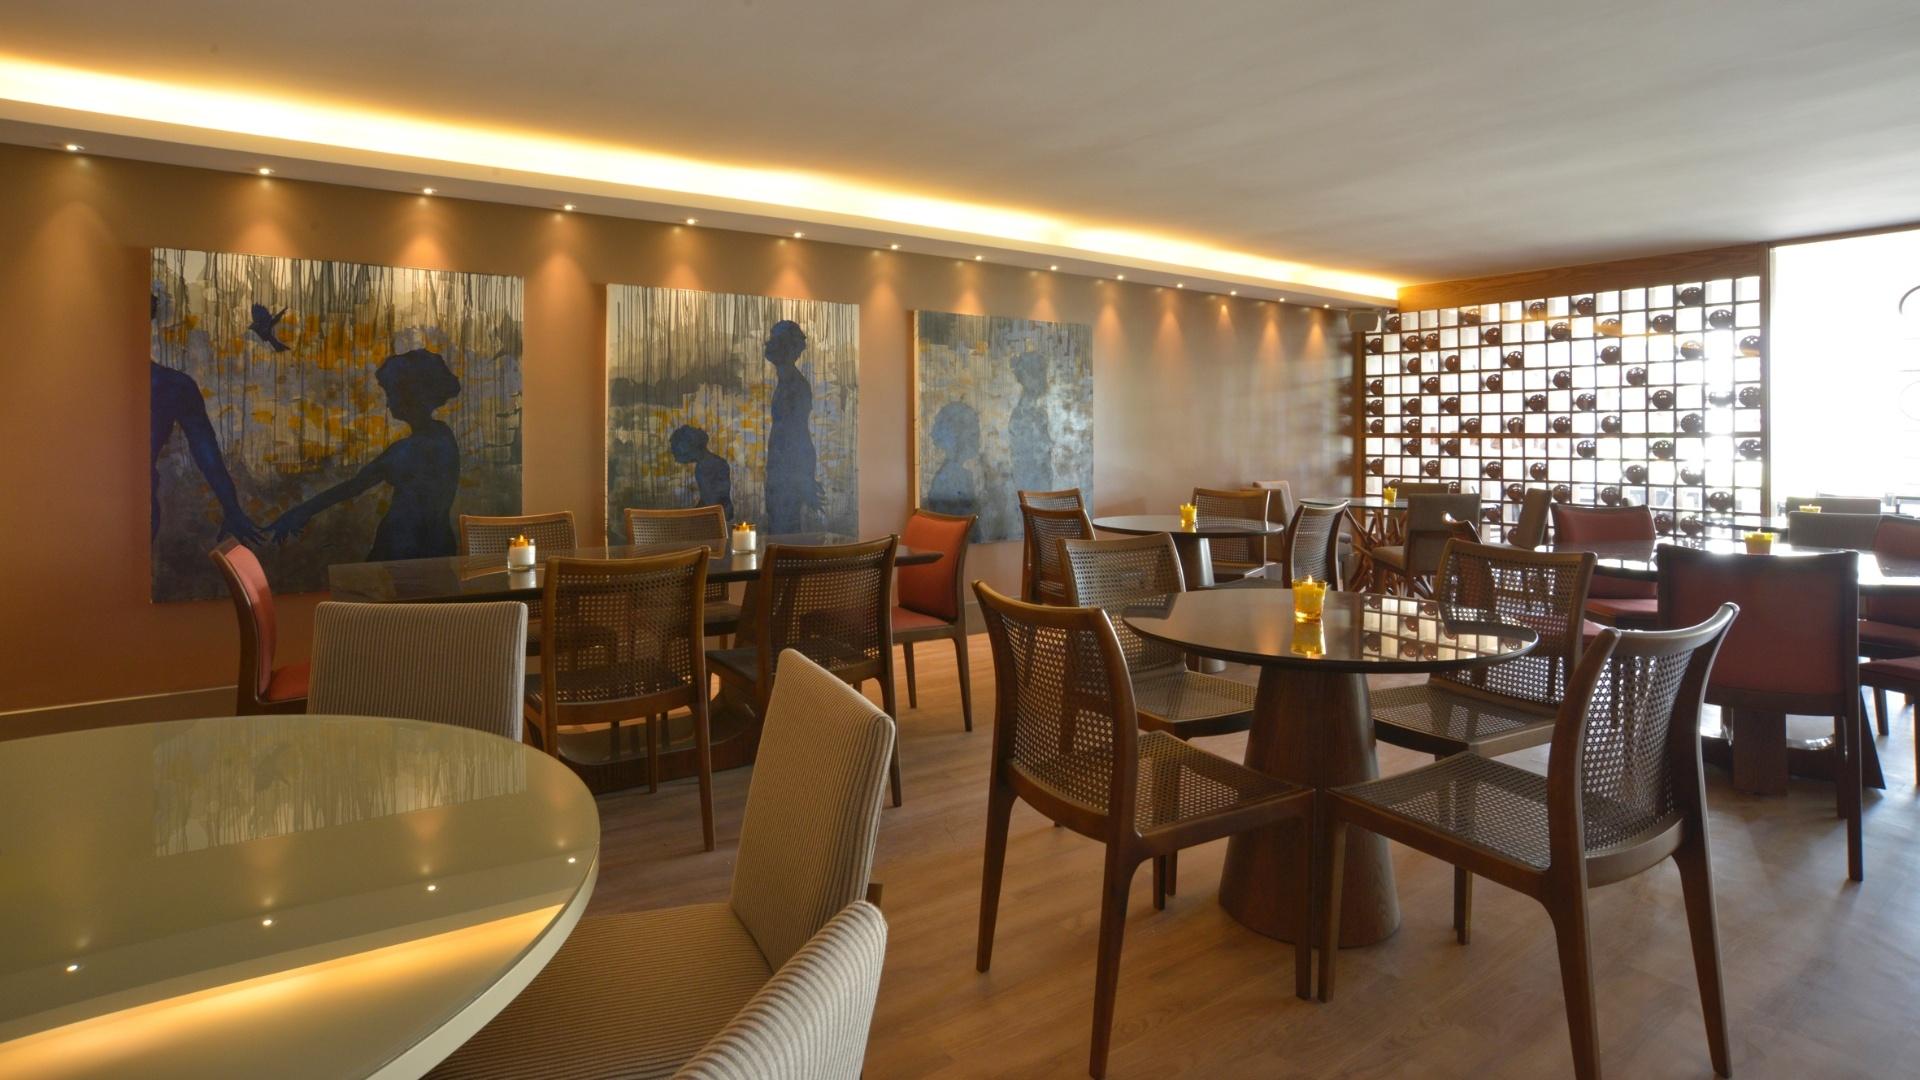 O Restaurante da 14ª Casa Cor CE é uma criação de Neide Barbosa e Denise Bessa. A mostra segue até dia 20 de novembro de 2012, na Praça Portugal, em Fortaleza